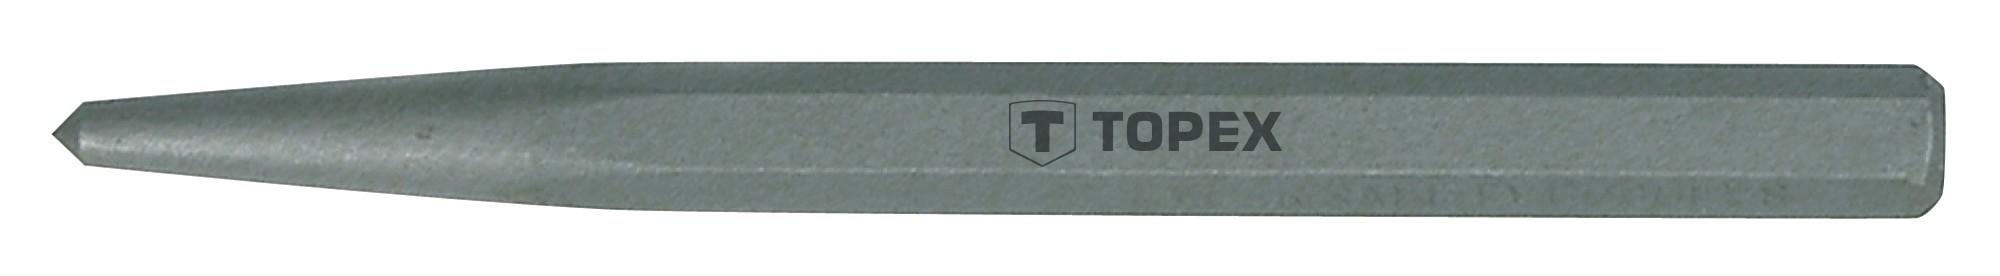 Pontozó 12,7 mm x 152 mm | TOPEX 03A445